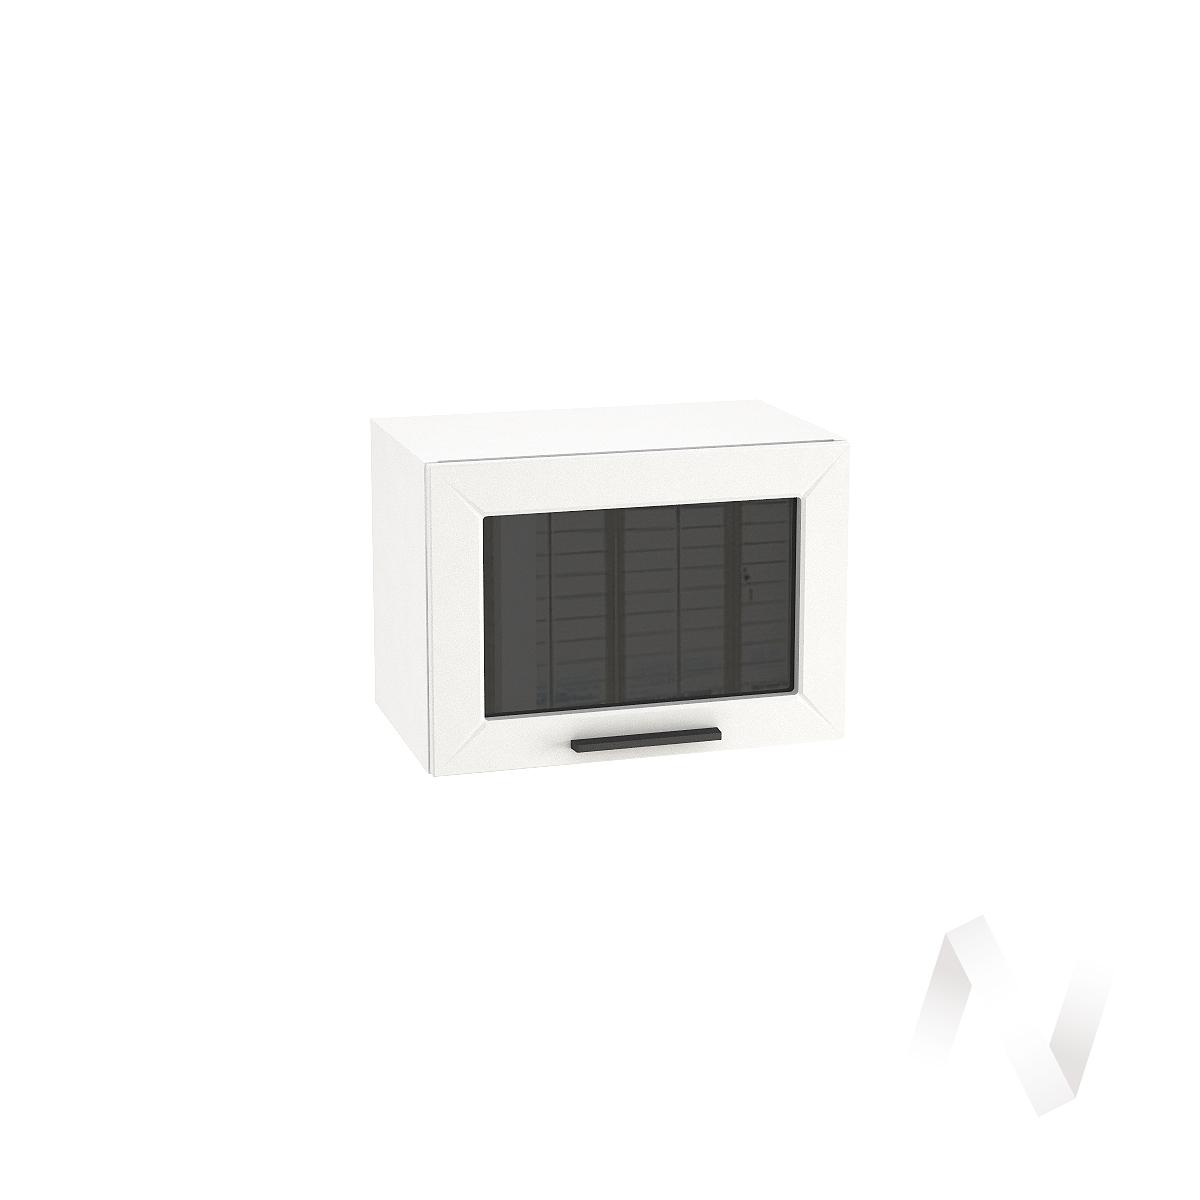 """Кухня """"Глетчер"""": Шкаф верхний горизонтальный со стеклом 500, ШВГС 500 (Айленд силк/корпус белый)"""